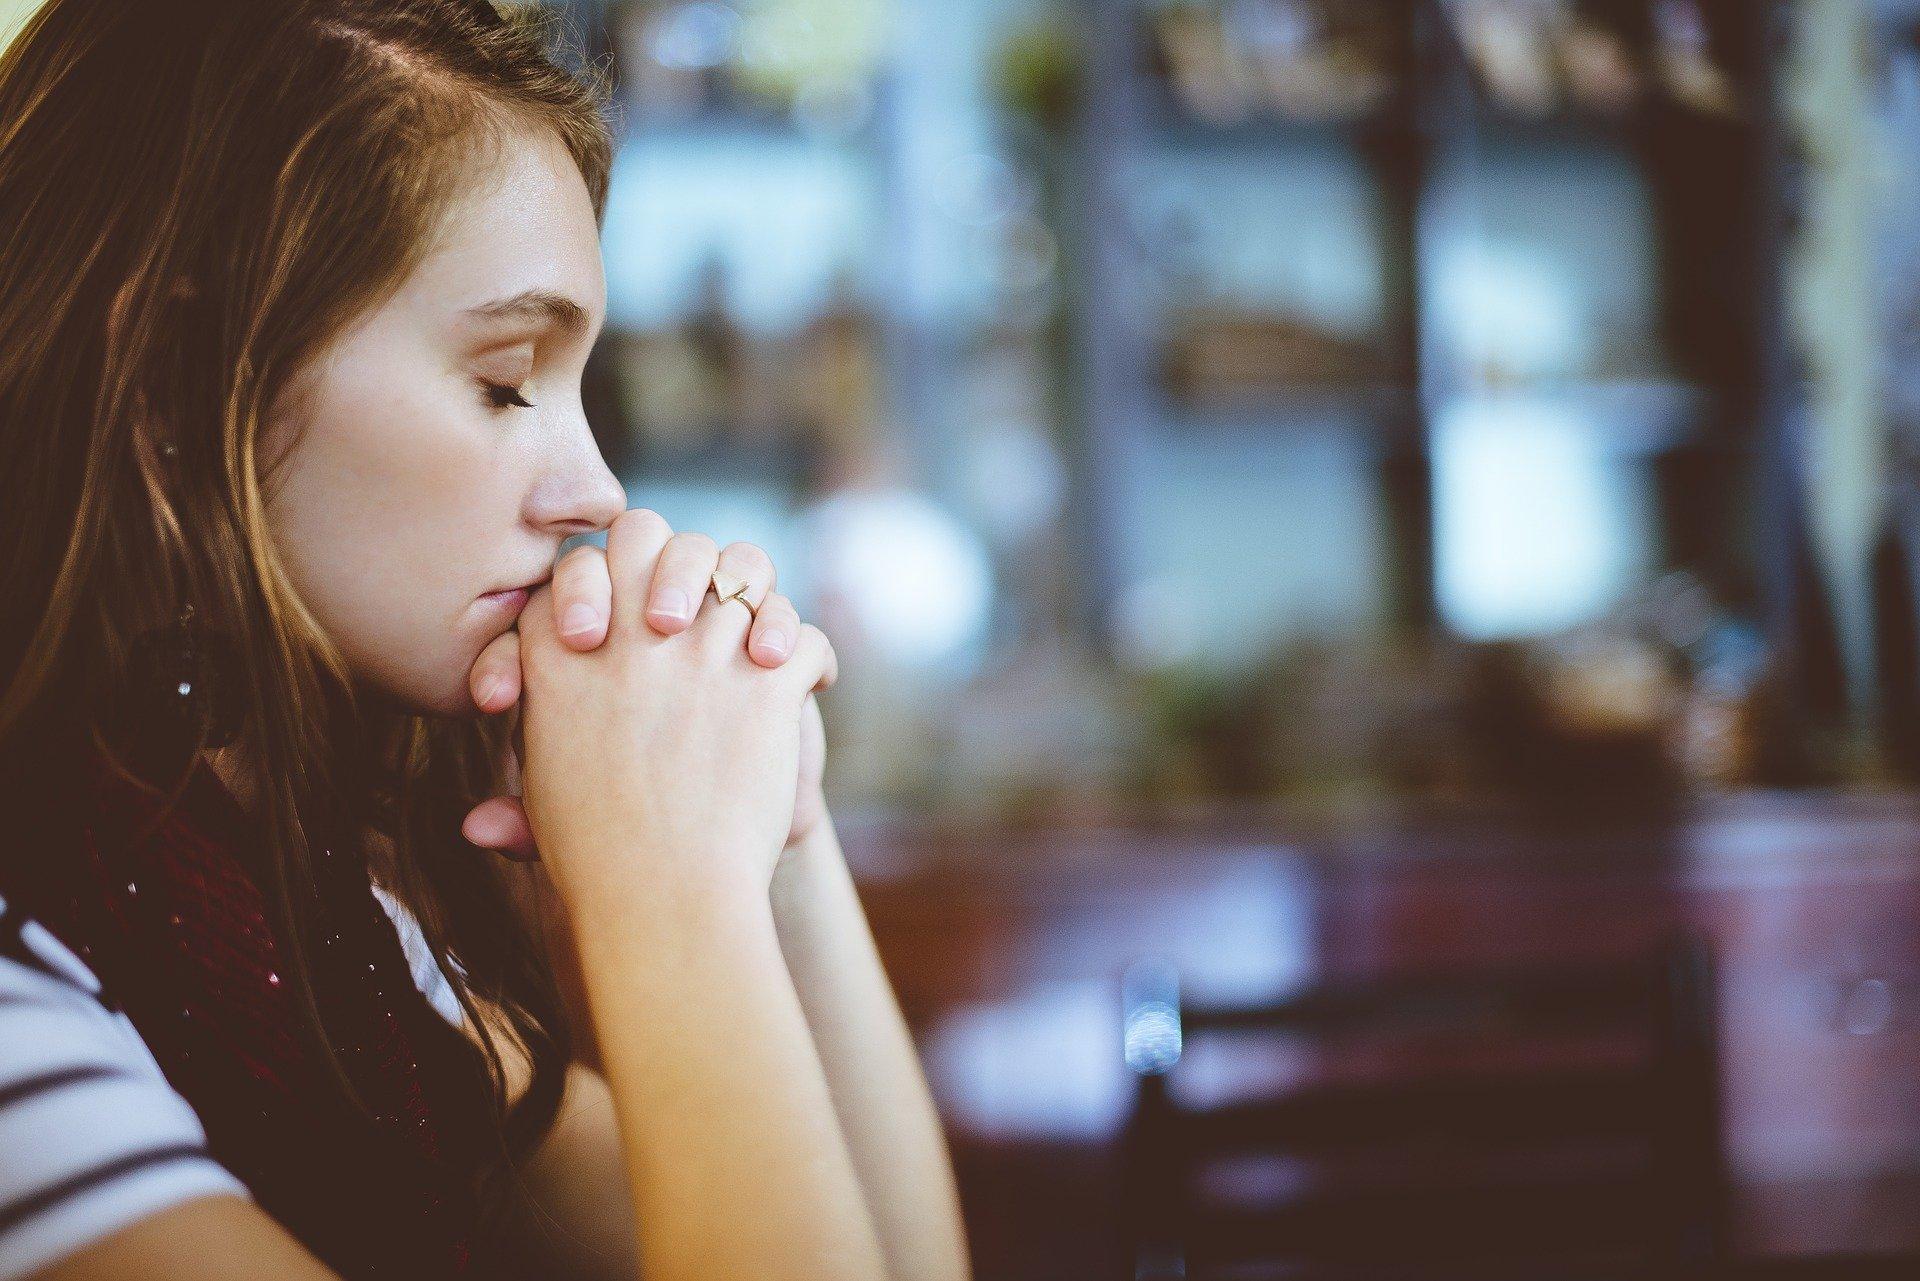 La contemplación